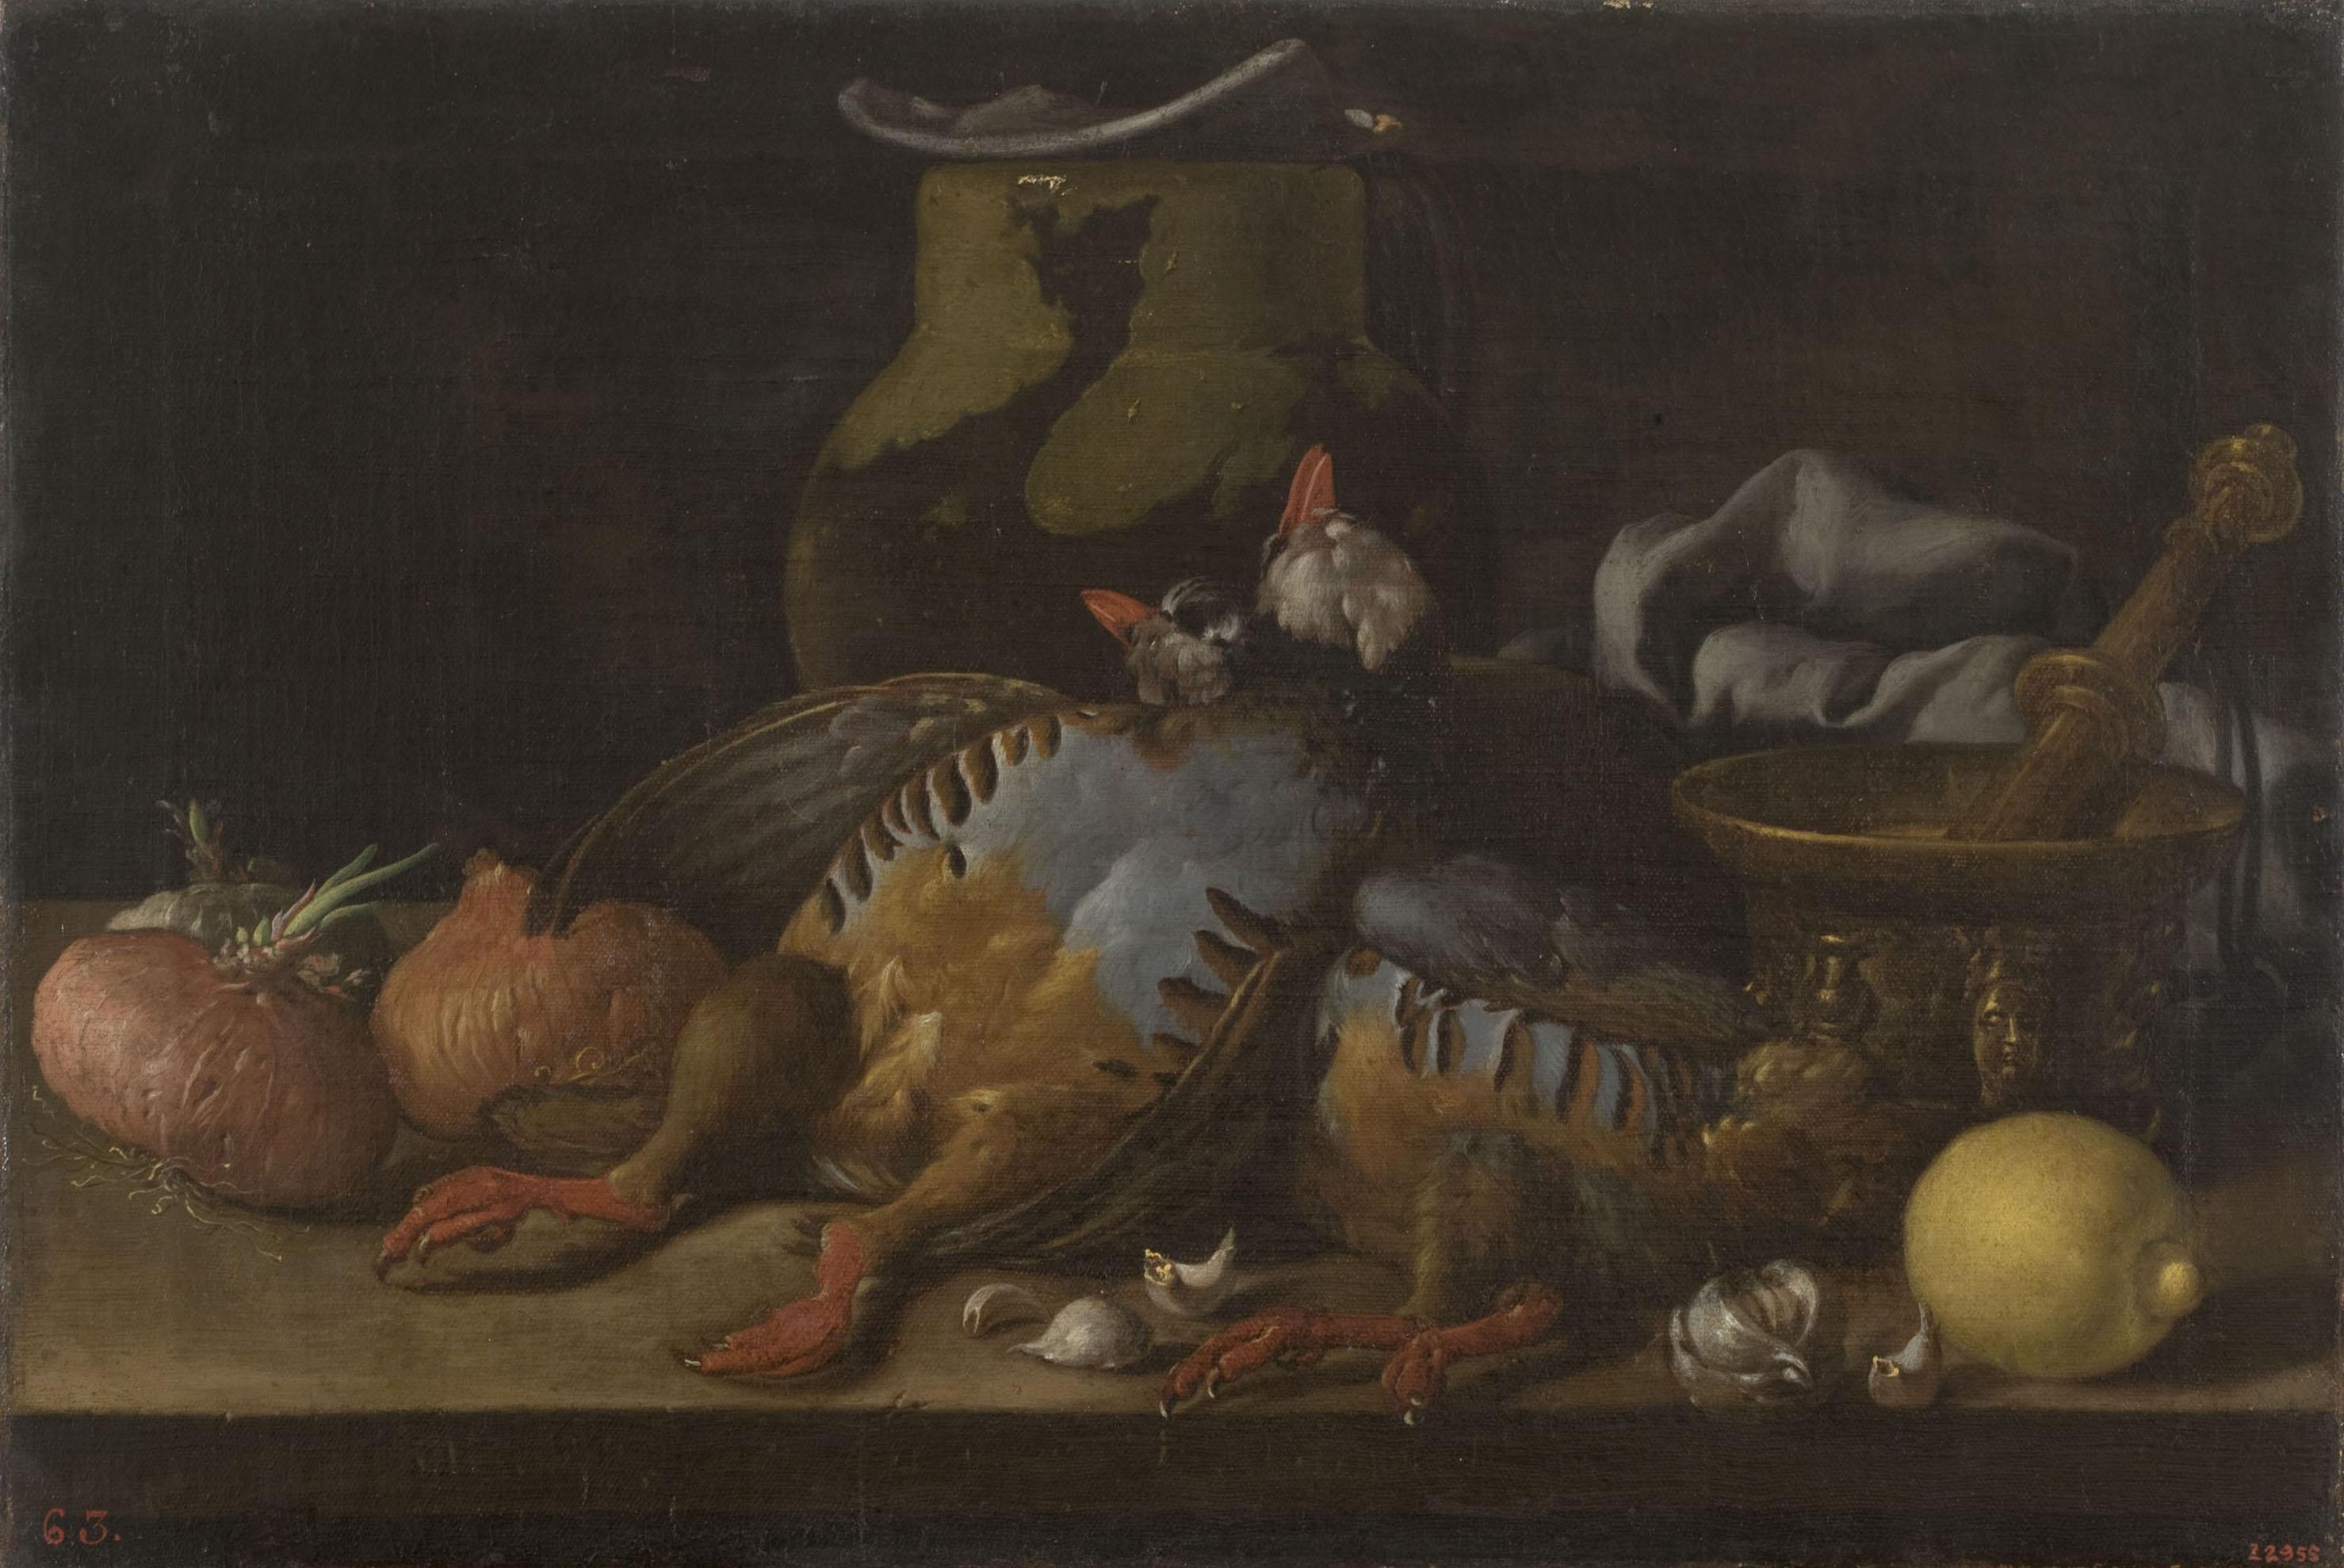 Luis Egidio Meléndez - Natura morta amb perdius, cebes, llimona i estris de cuina - Cap a 1773-1780